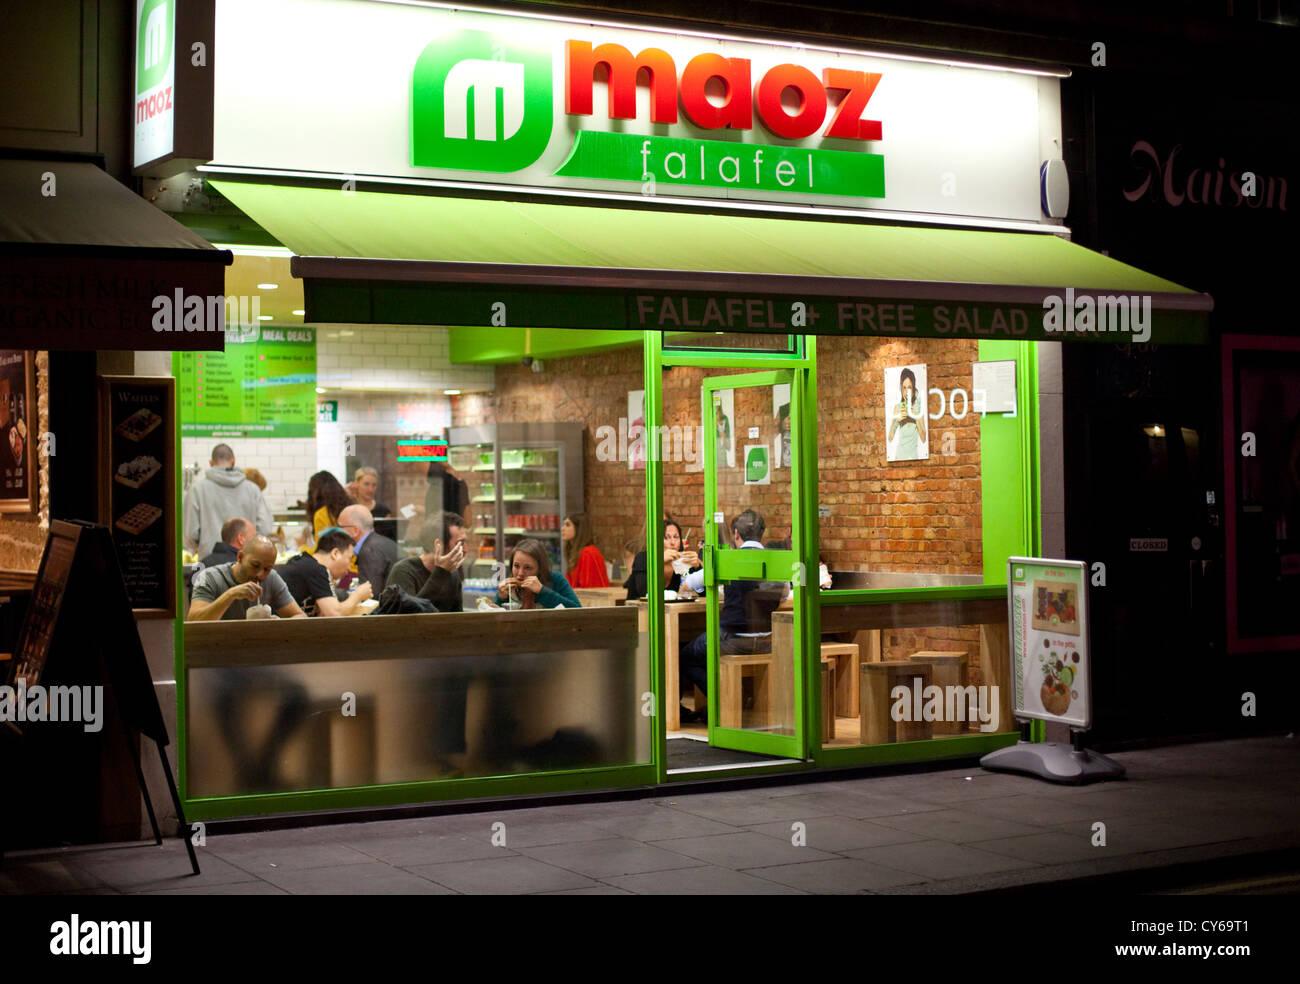 Famous Restaurant In London Uk